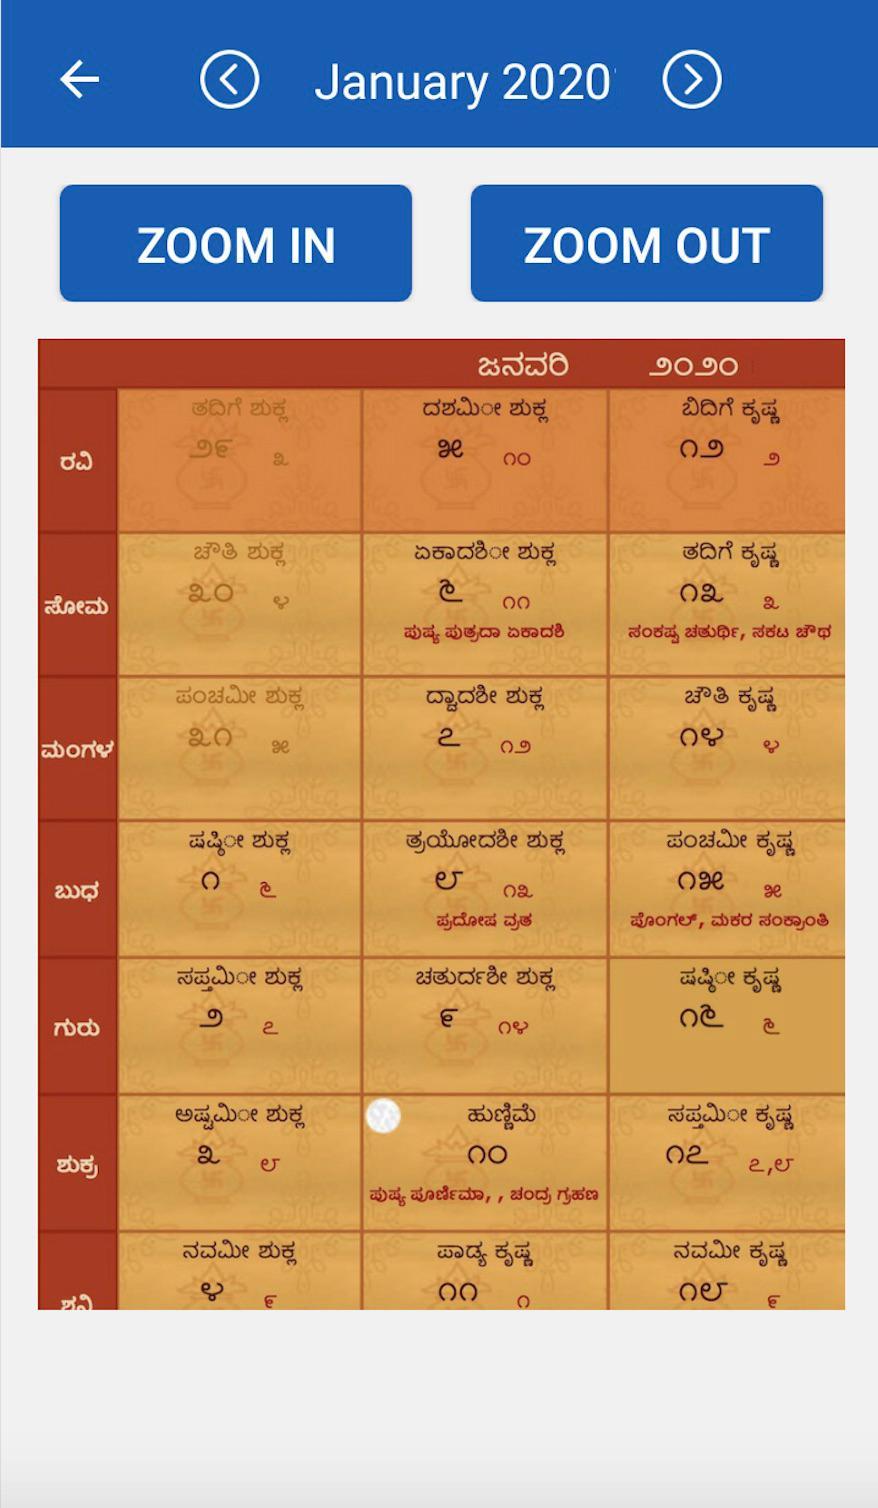 Kannada Calendar 2020 - ಕನ್ನಡ ಕ್ಯಾಲೆಂಡರ್ 2020 For